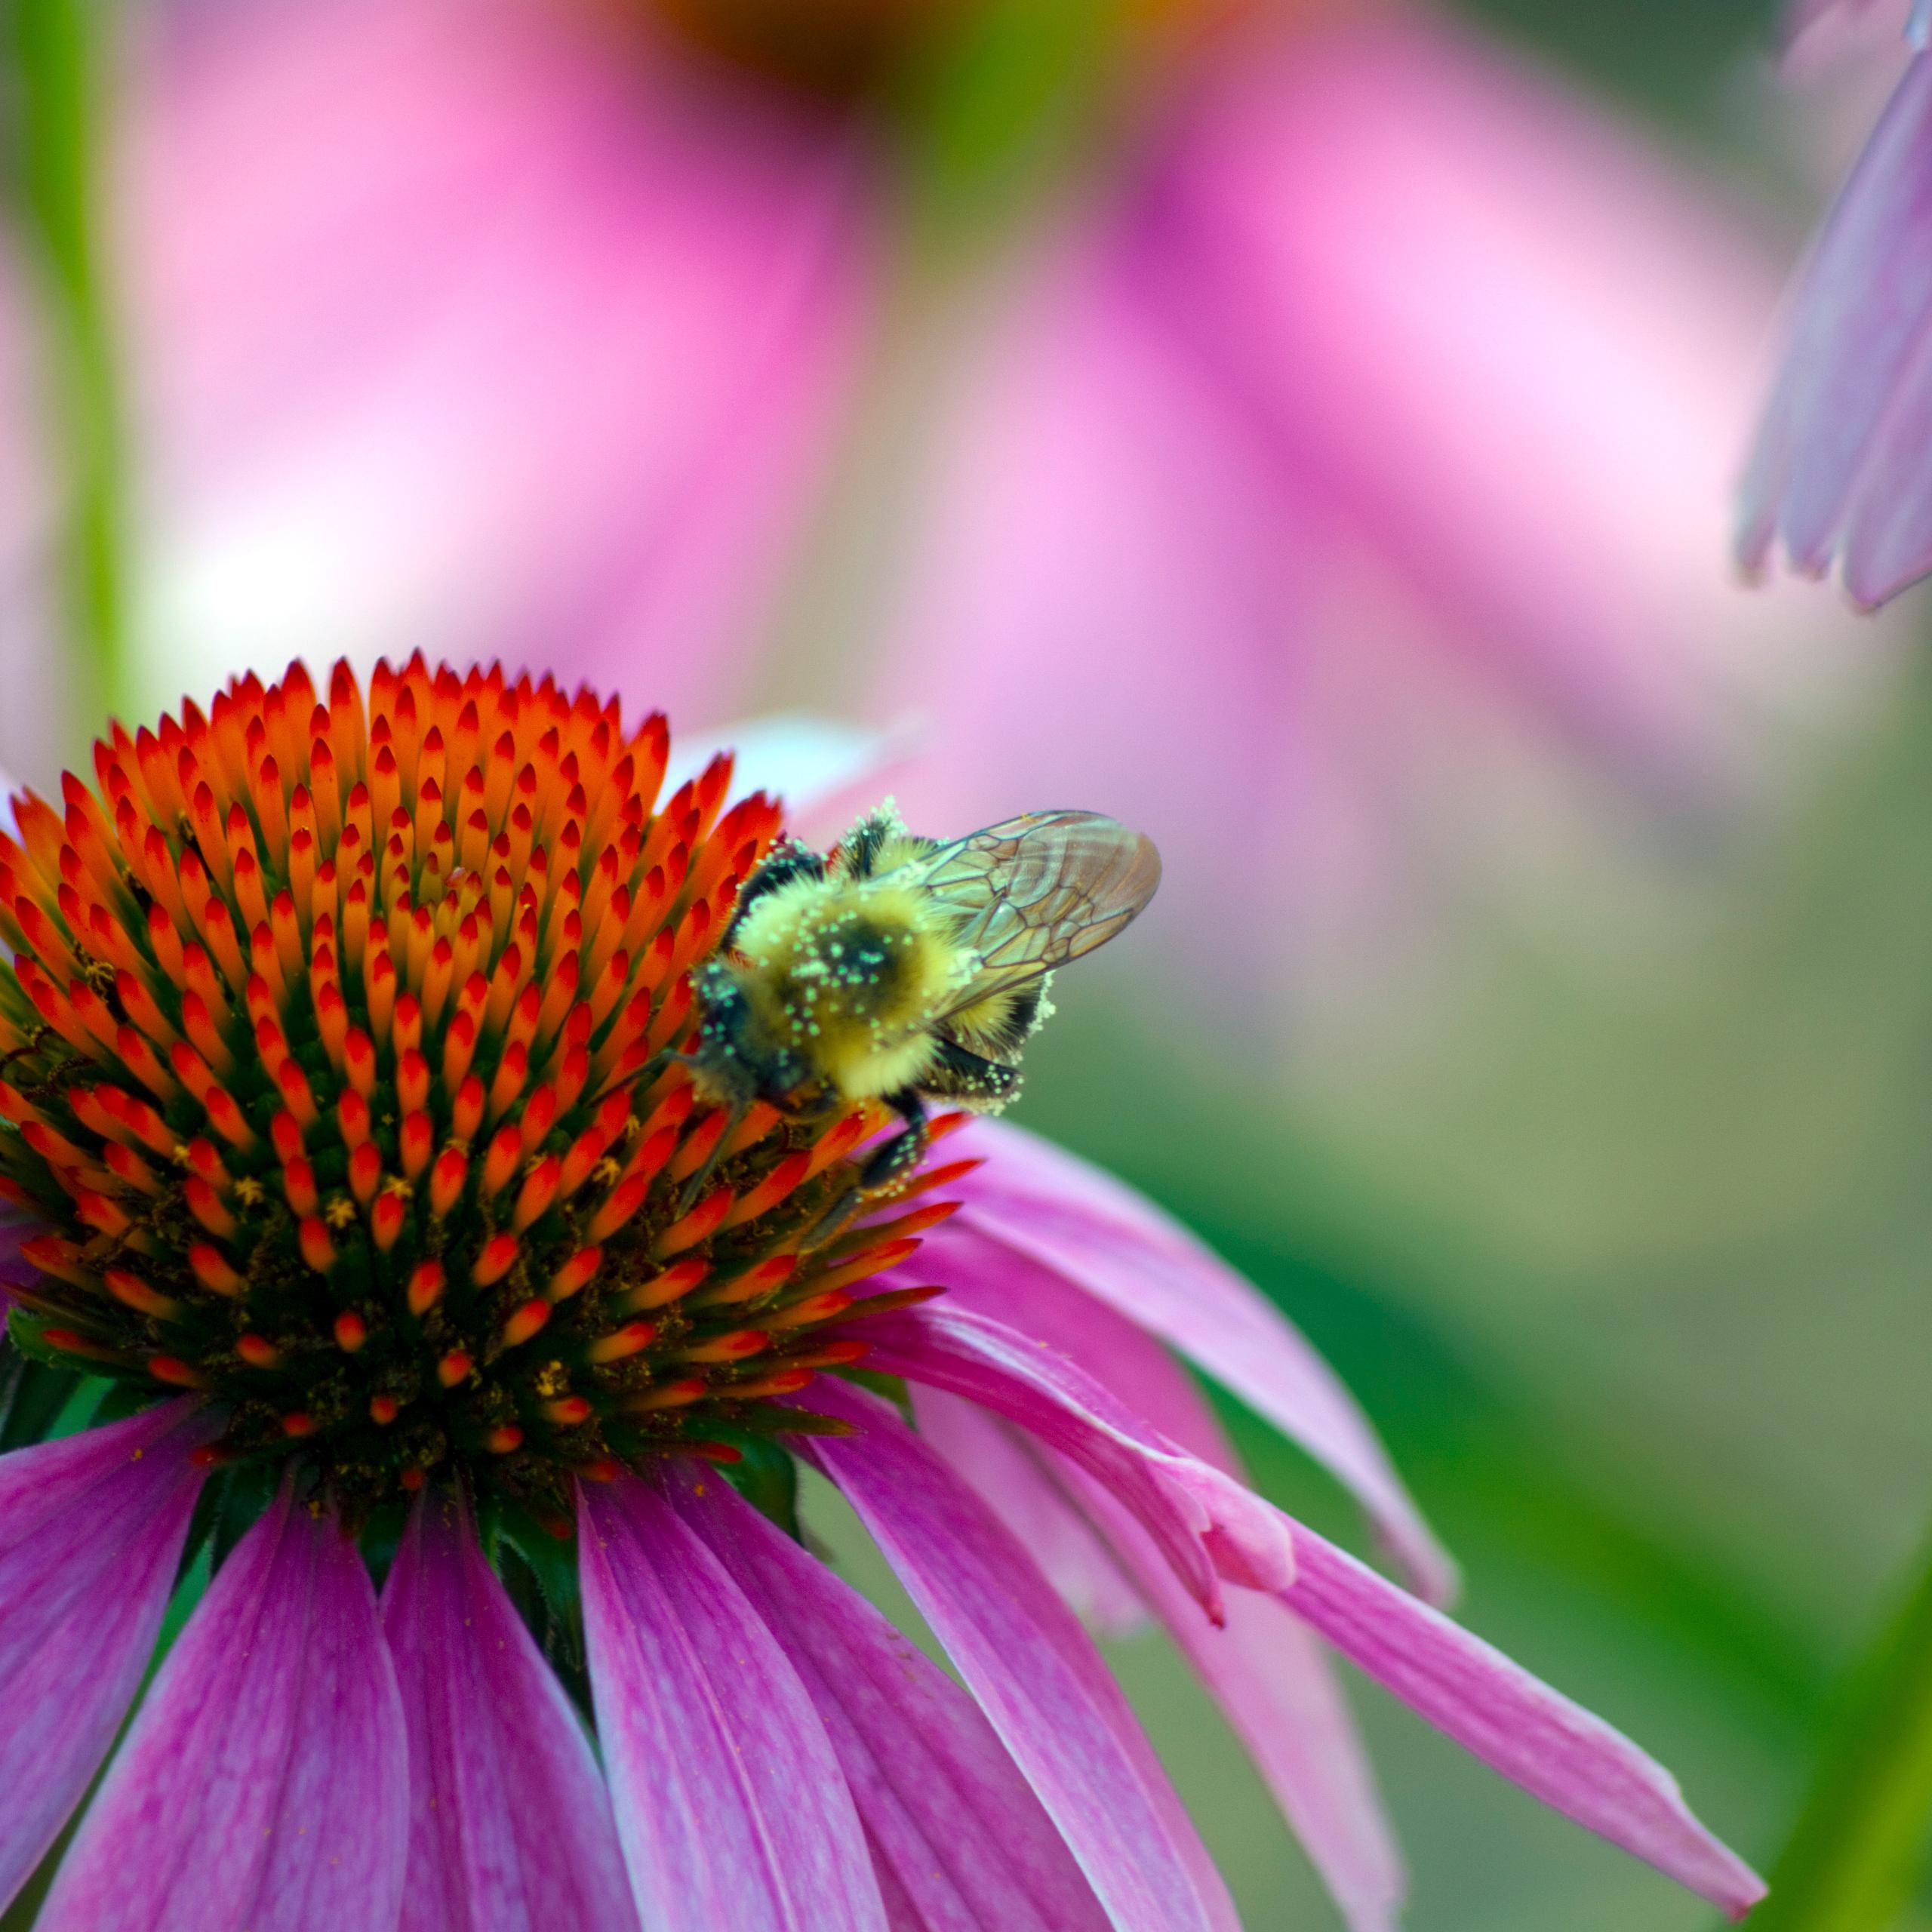 S4 Wallpaper Hd صورة زهرة مع نحلة خلفيات ورد وزهور جميلة من موقع خلفيات